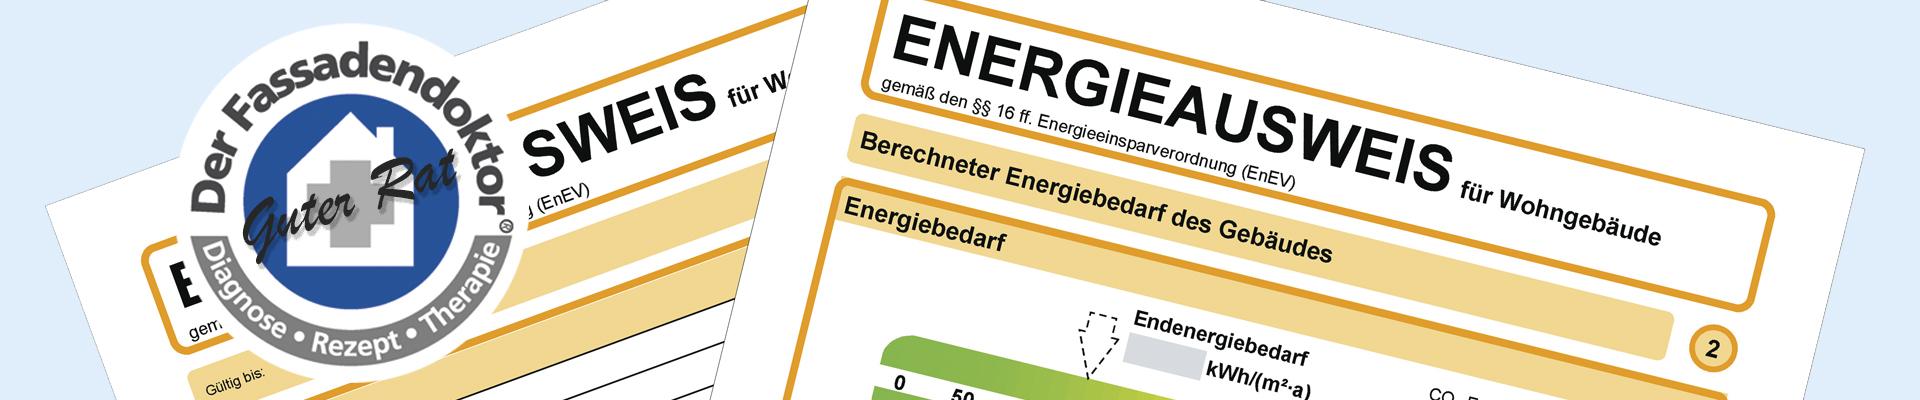 Änderungen beim Energieausweis